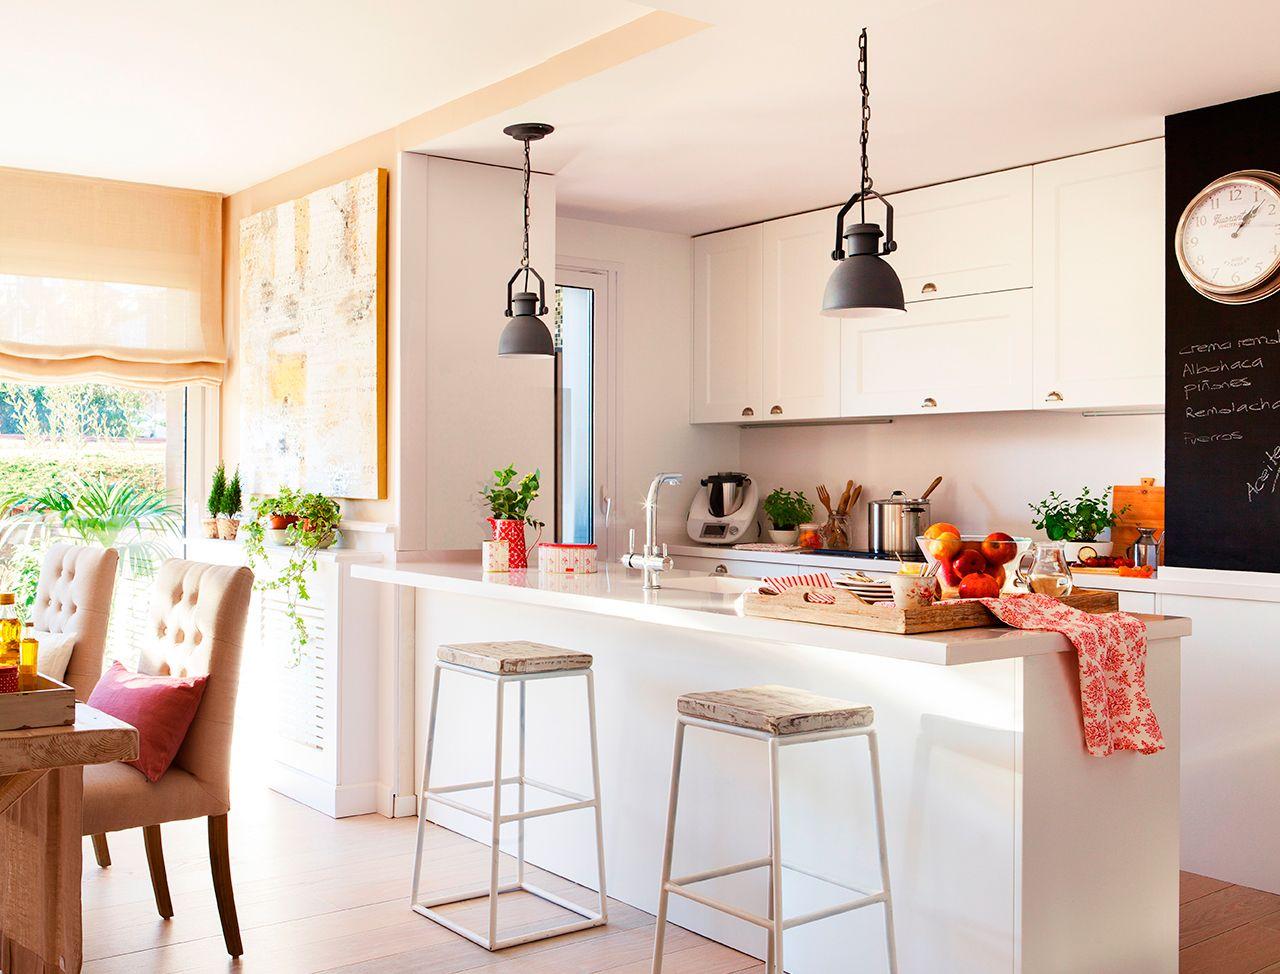 Isla Con Barra Cocinas Modernas Cocinas Pequenas Y Cocinas